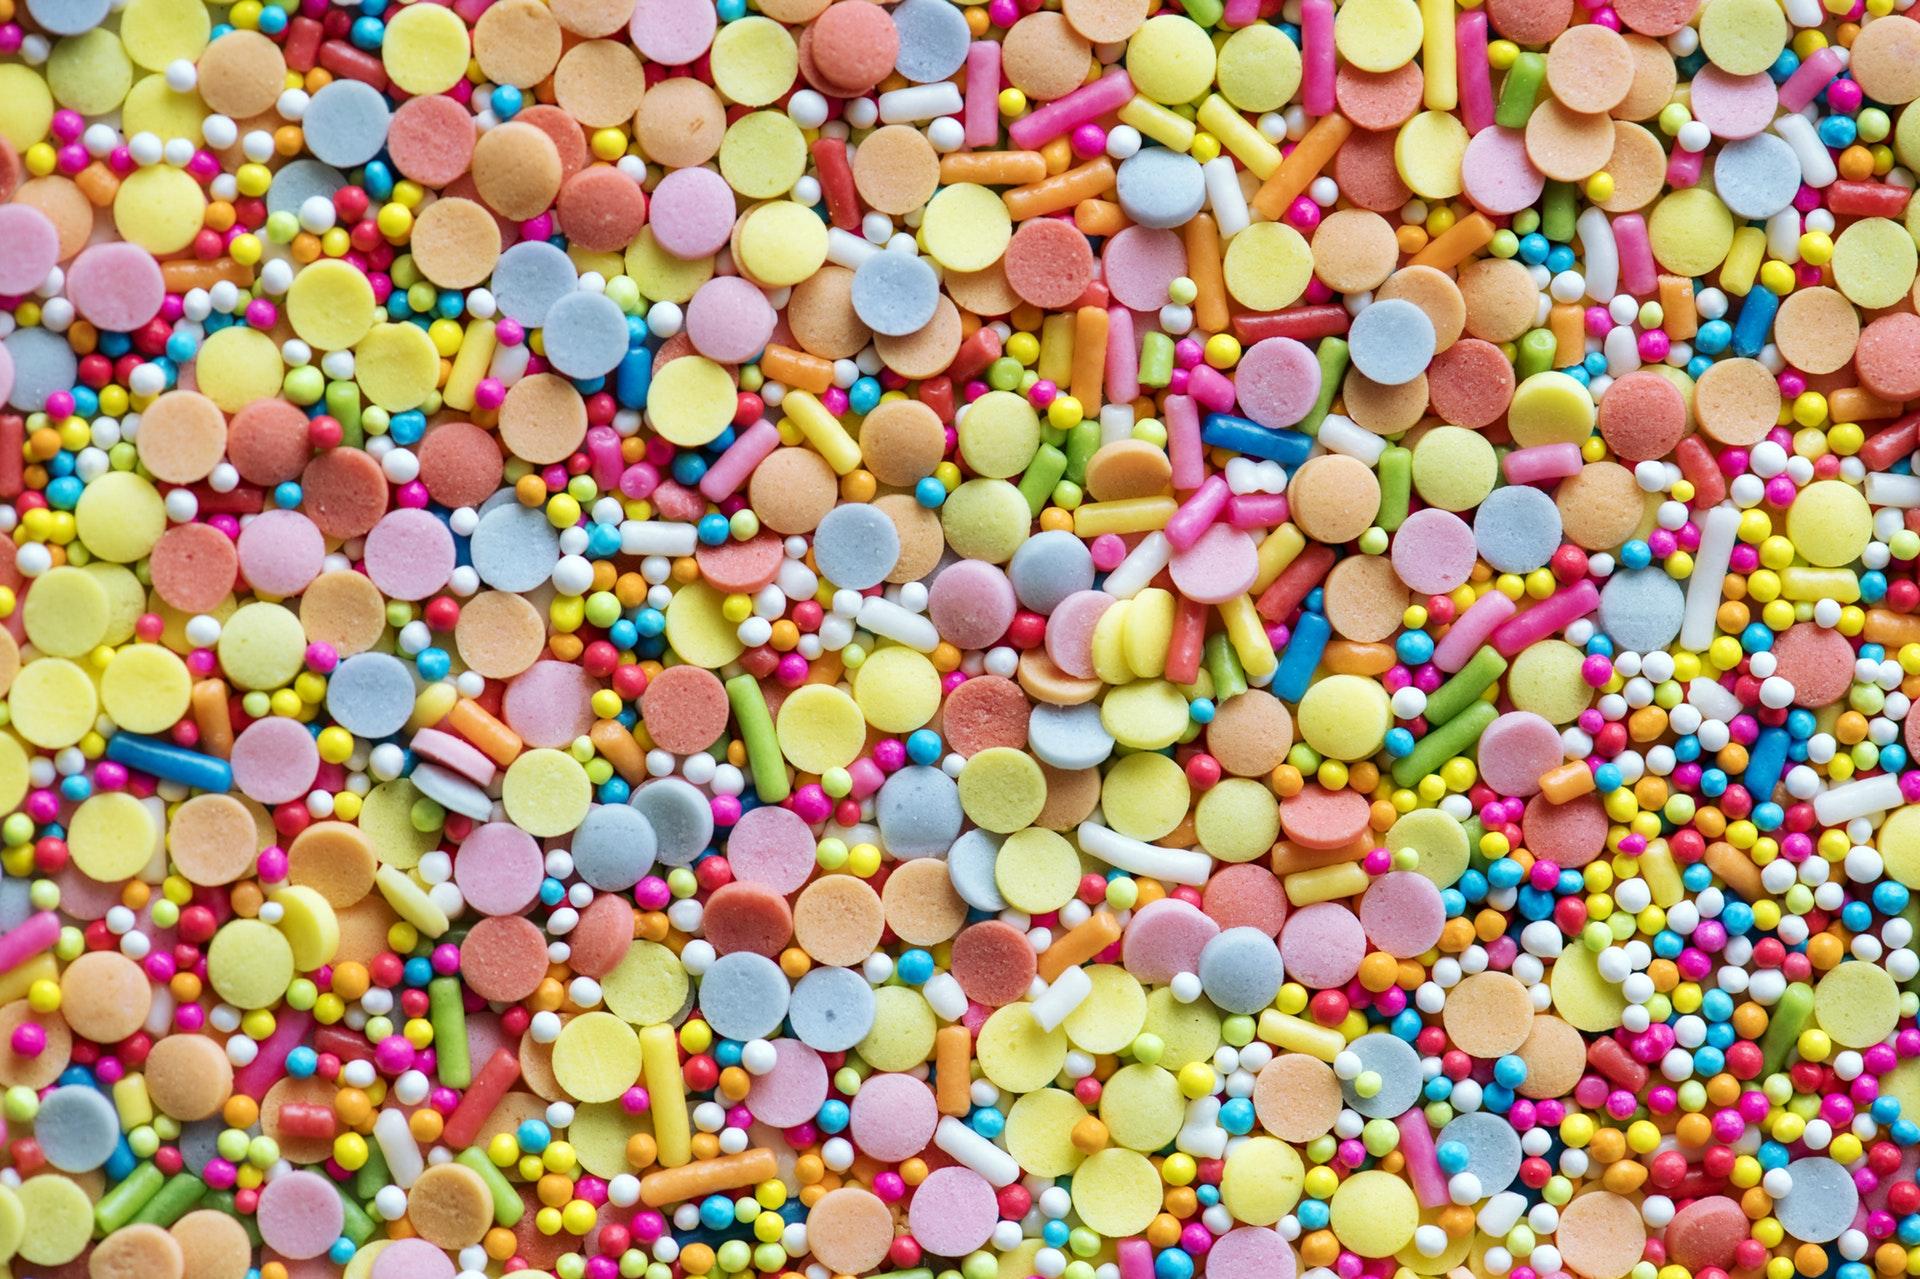 download wallpaper: snoepgoed in alle kleuren wallpaper